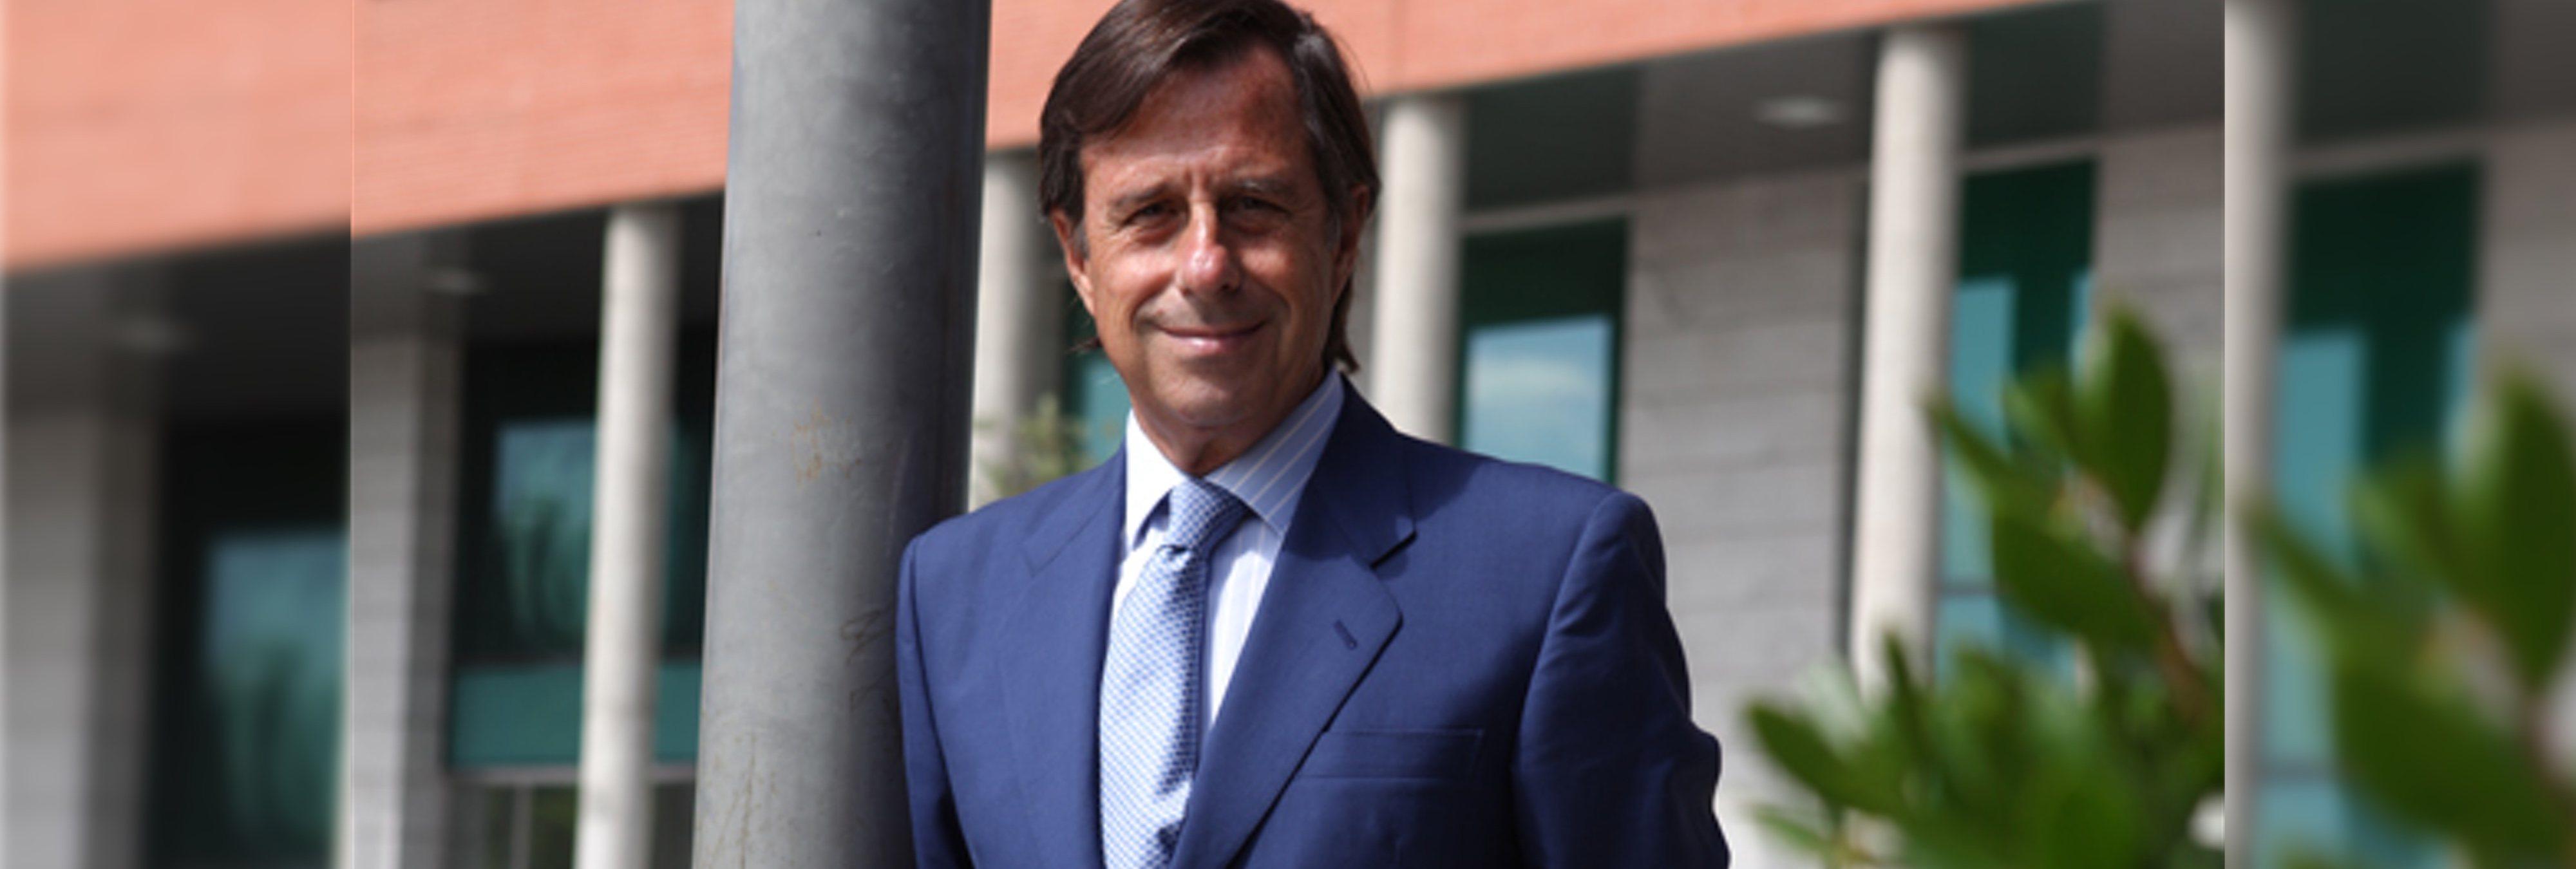 Diputado del PP, pillado viendo un partido de tenis en un pleno de la Asamblea de Madrid